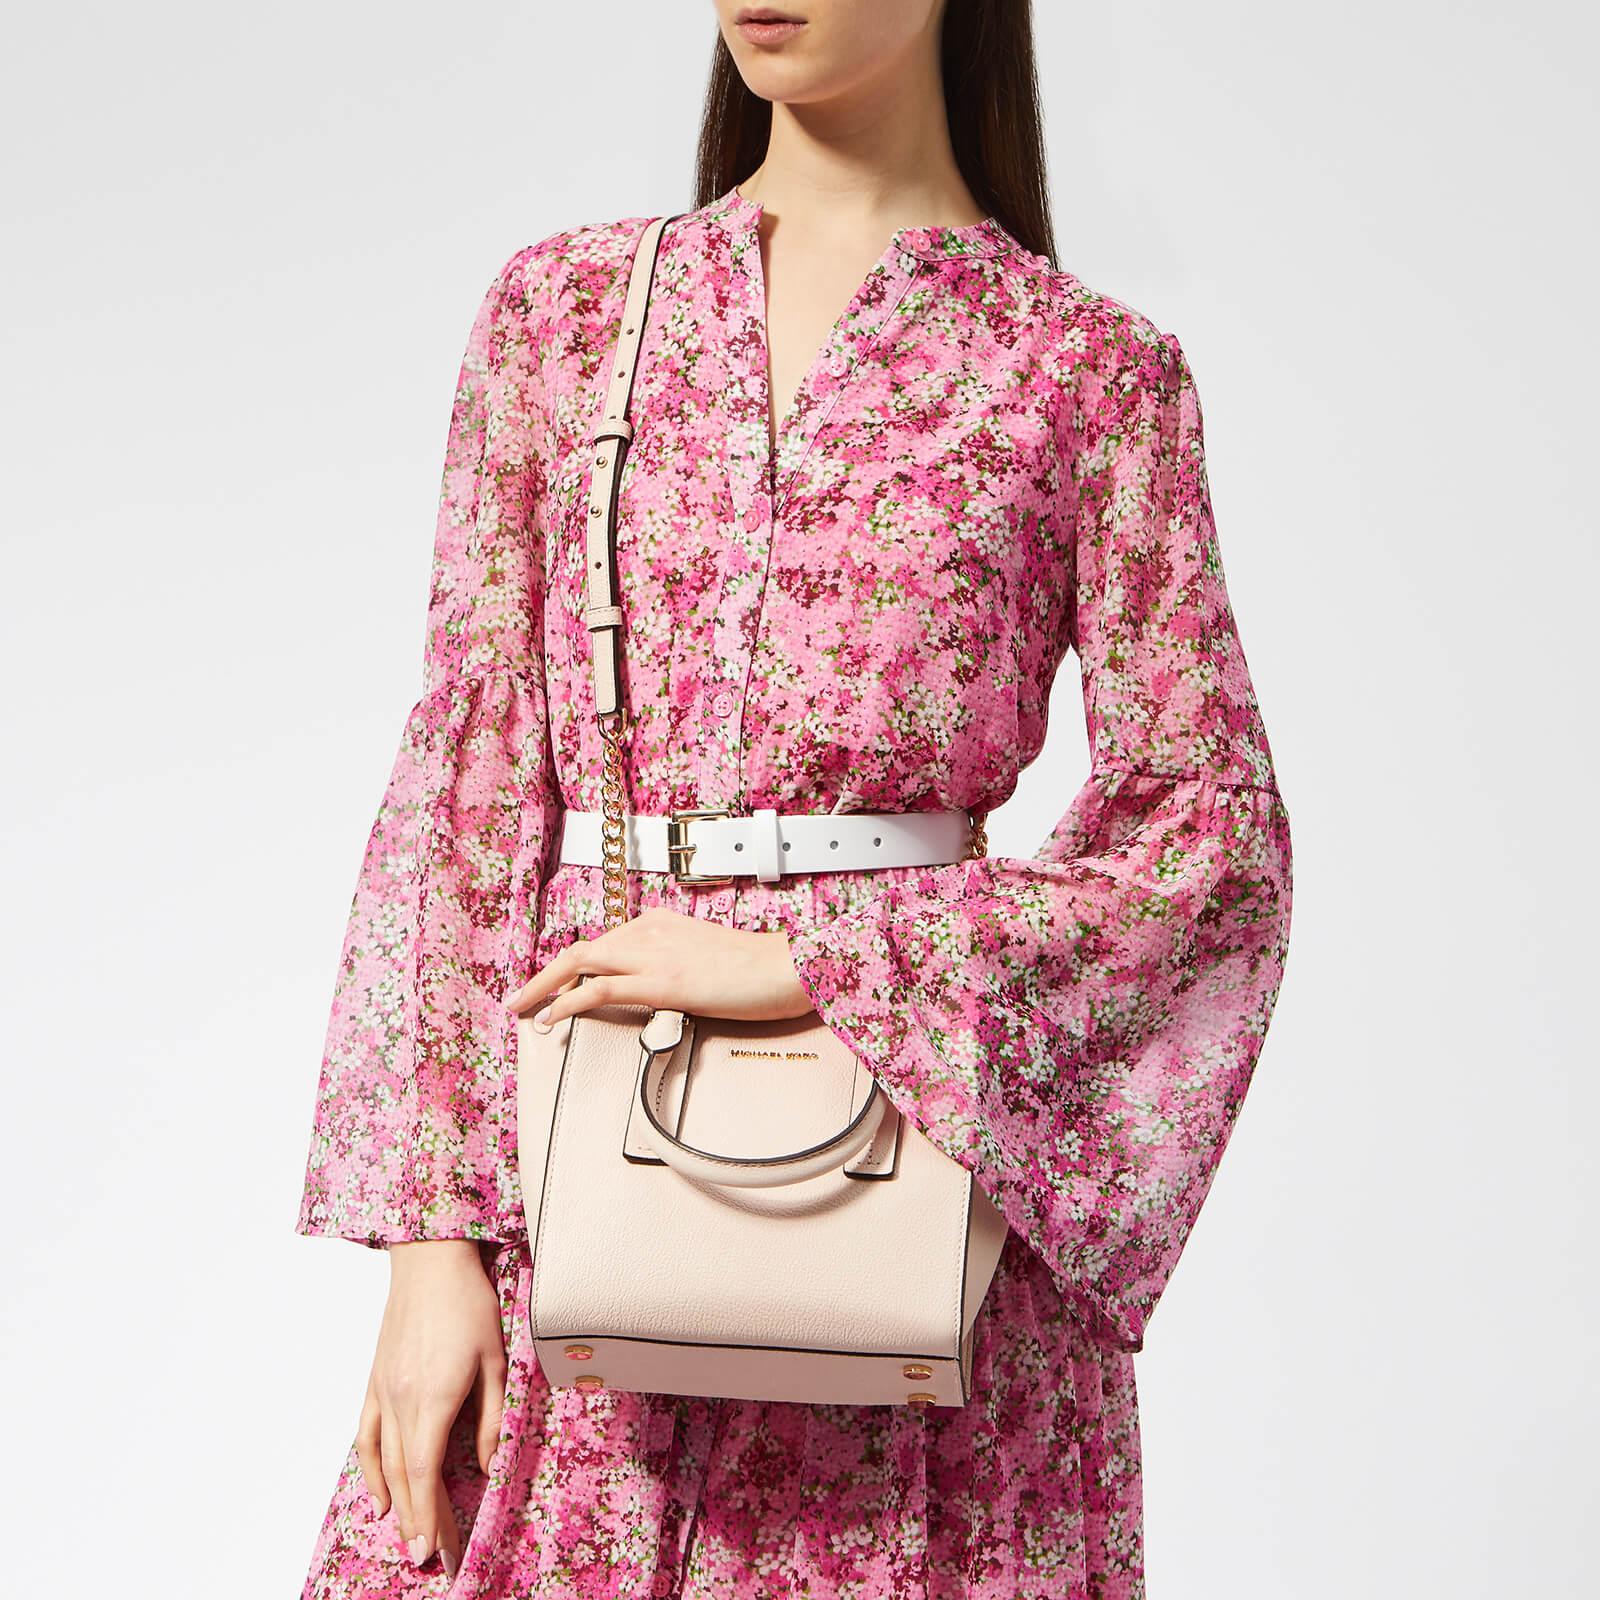 MICHAEL MICHAEL KORS Women's Alessa Medium Messenger Bag - Soft Pink